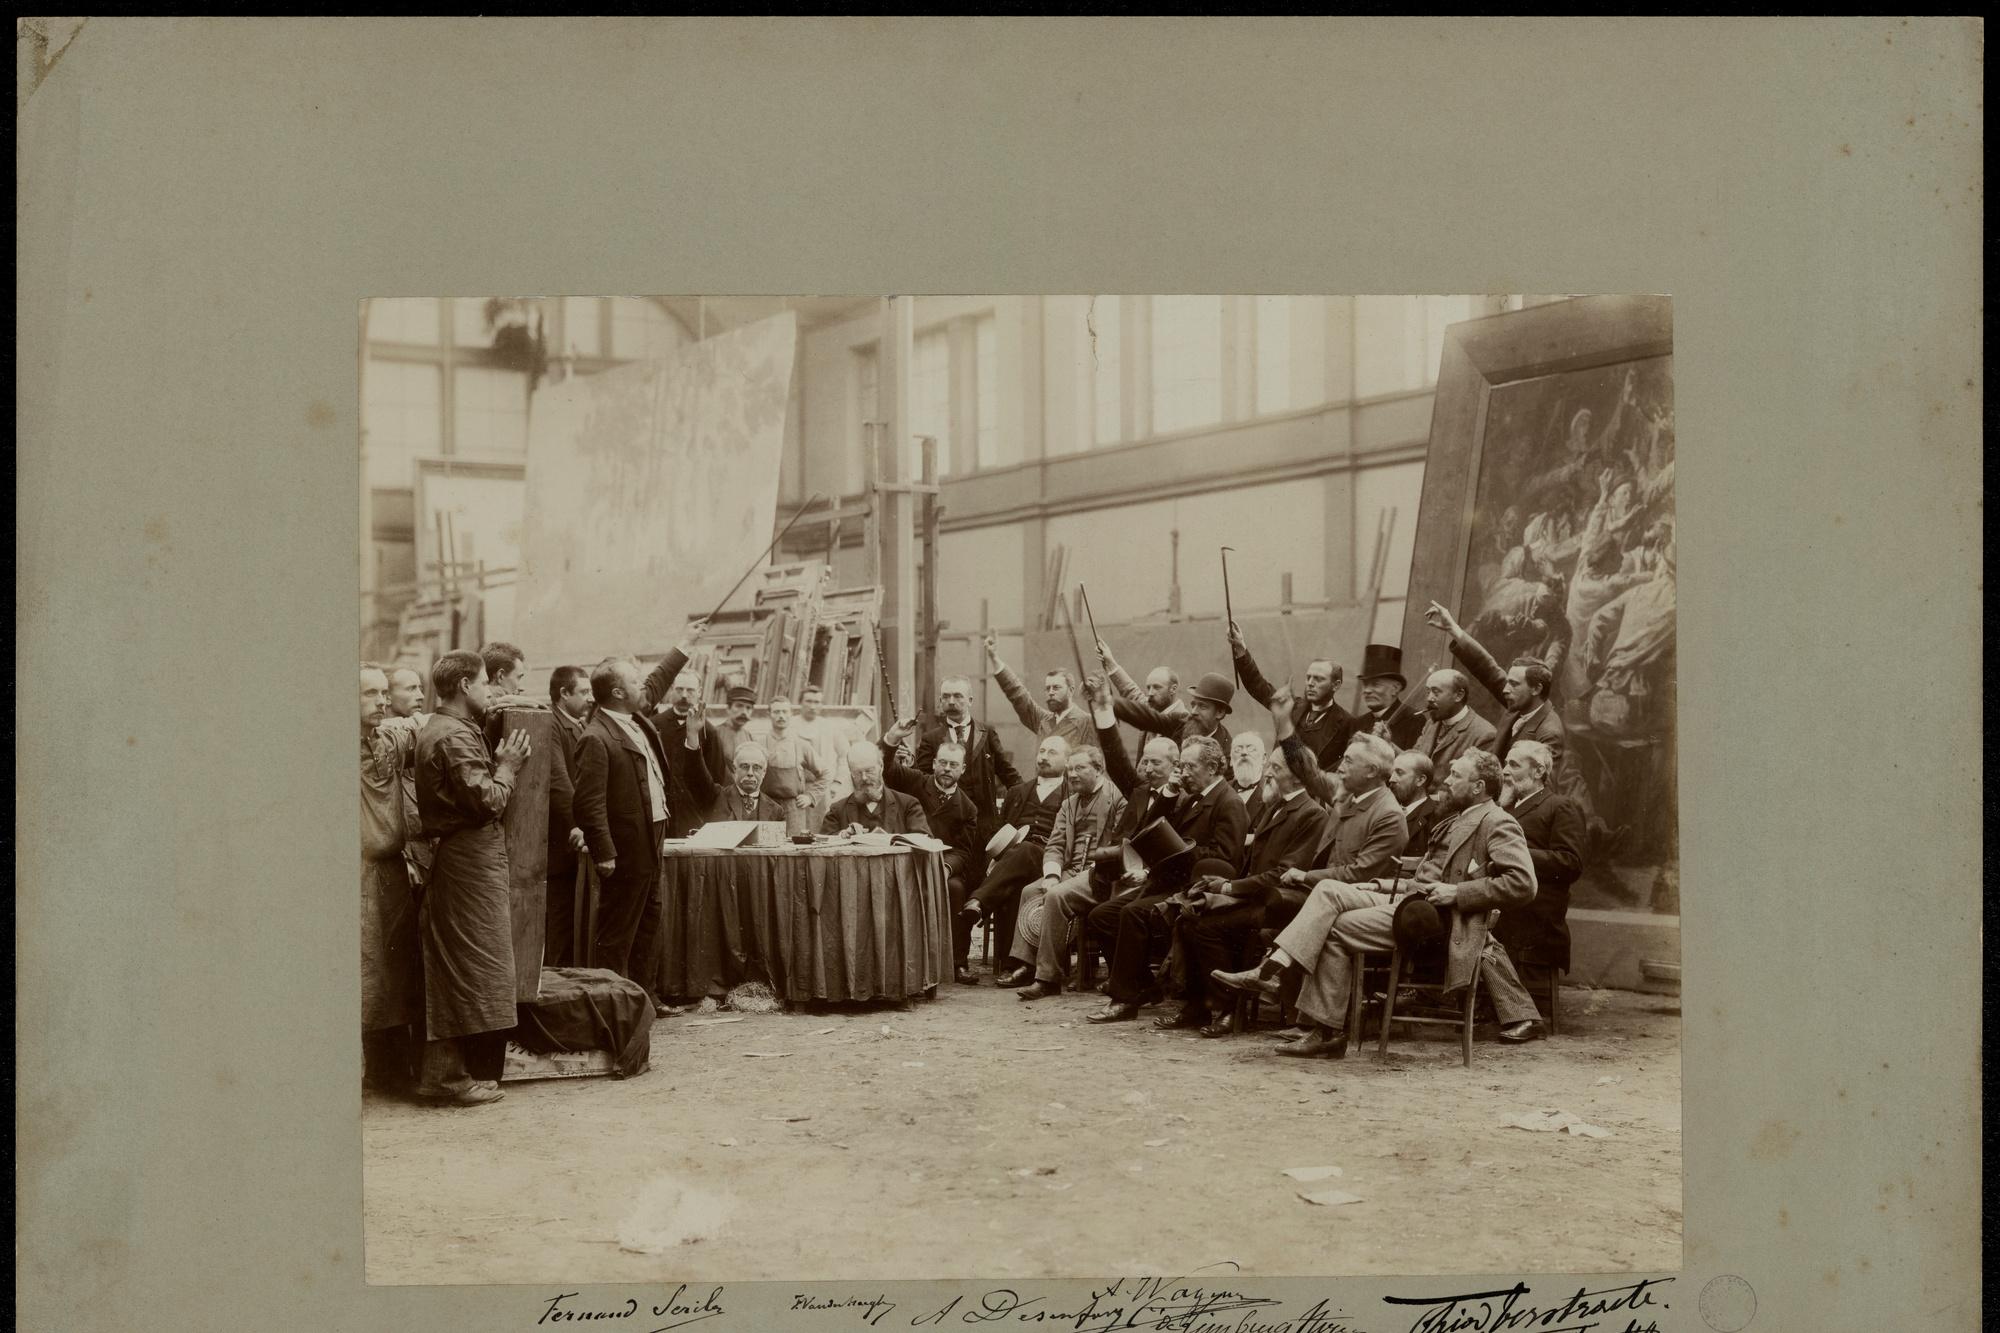 Fernand Scribe en Ferdinand Vander Haeghen, Portrait de groupe - De Aanvaardingscommissie van een driejaarlijkes salon, 1892, photographie., Gand, bibliothèque de l'université, inv. BIB.FOT.GF.000201/01